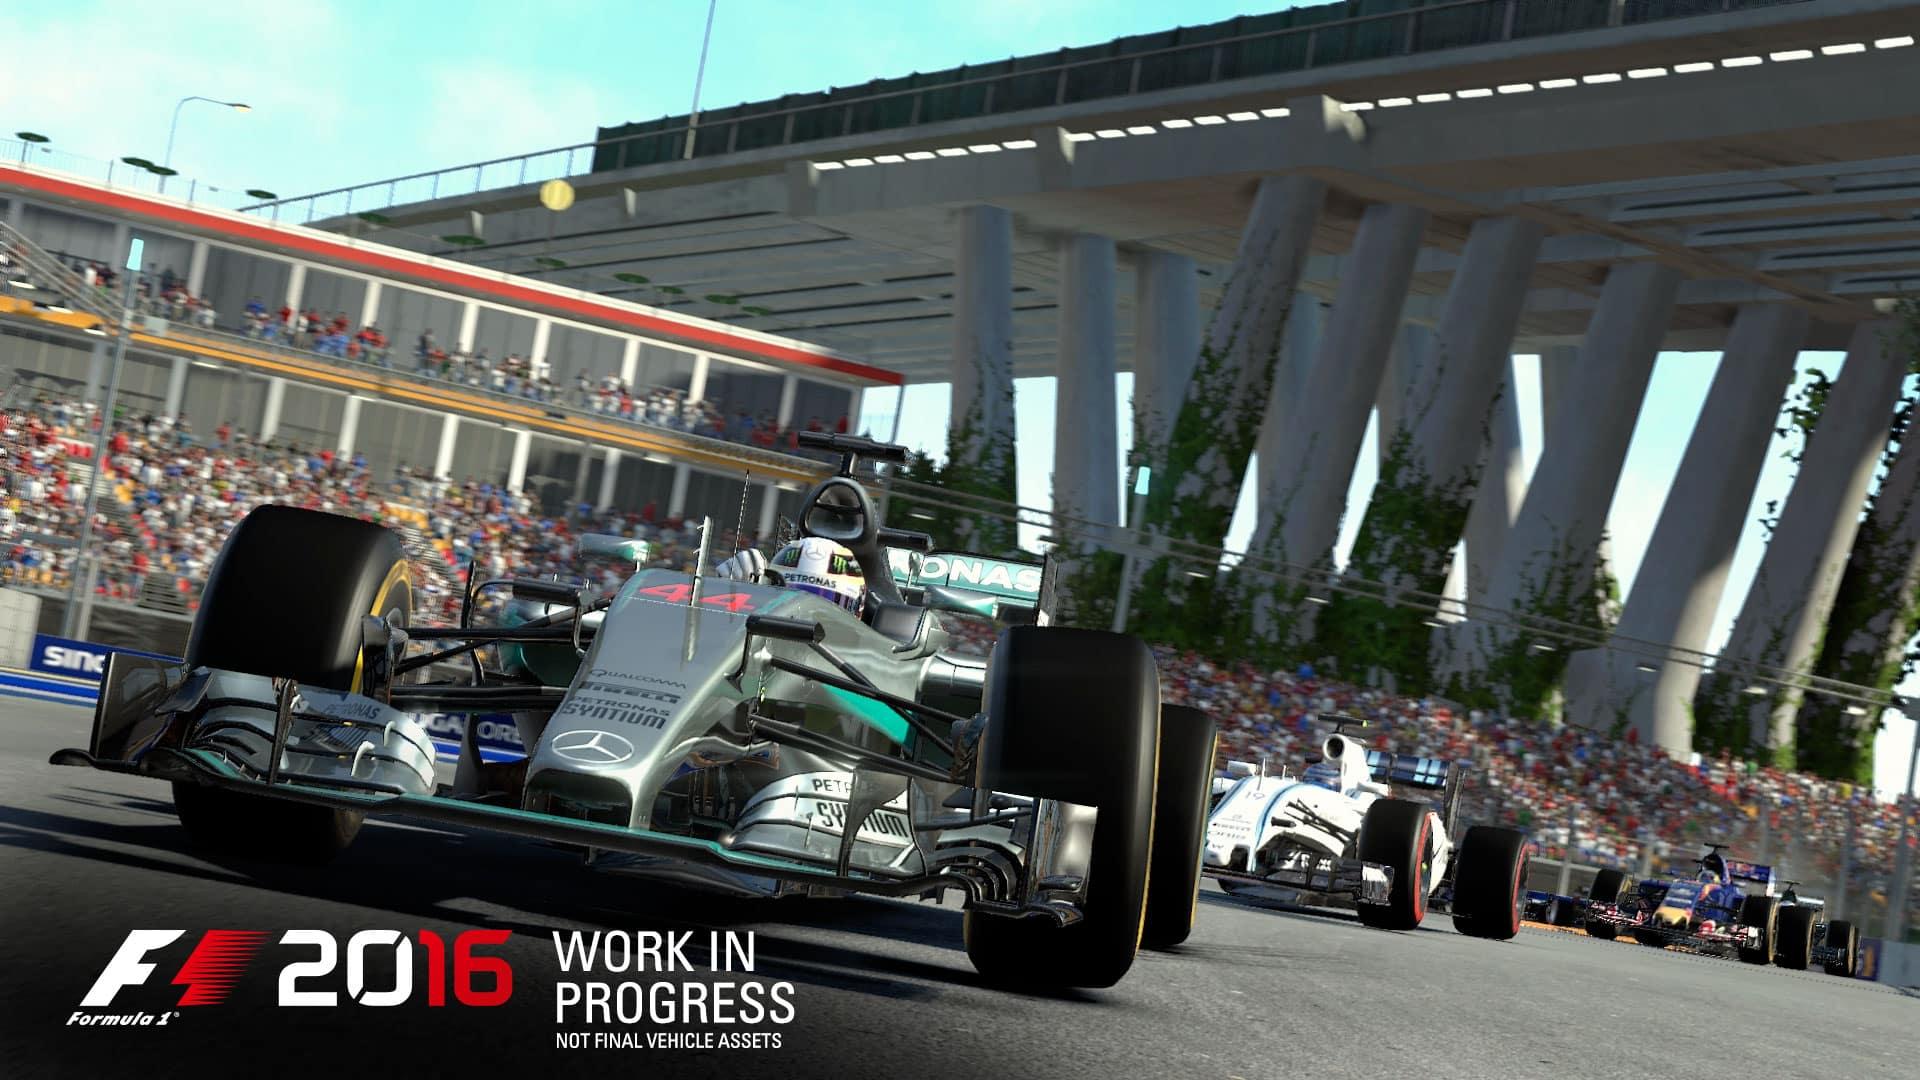 F1 2016 - Annunciate le safety car e il nuovo circuito di Baku 2